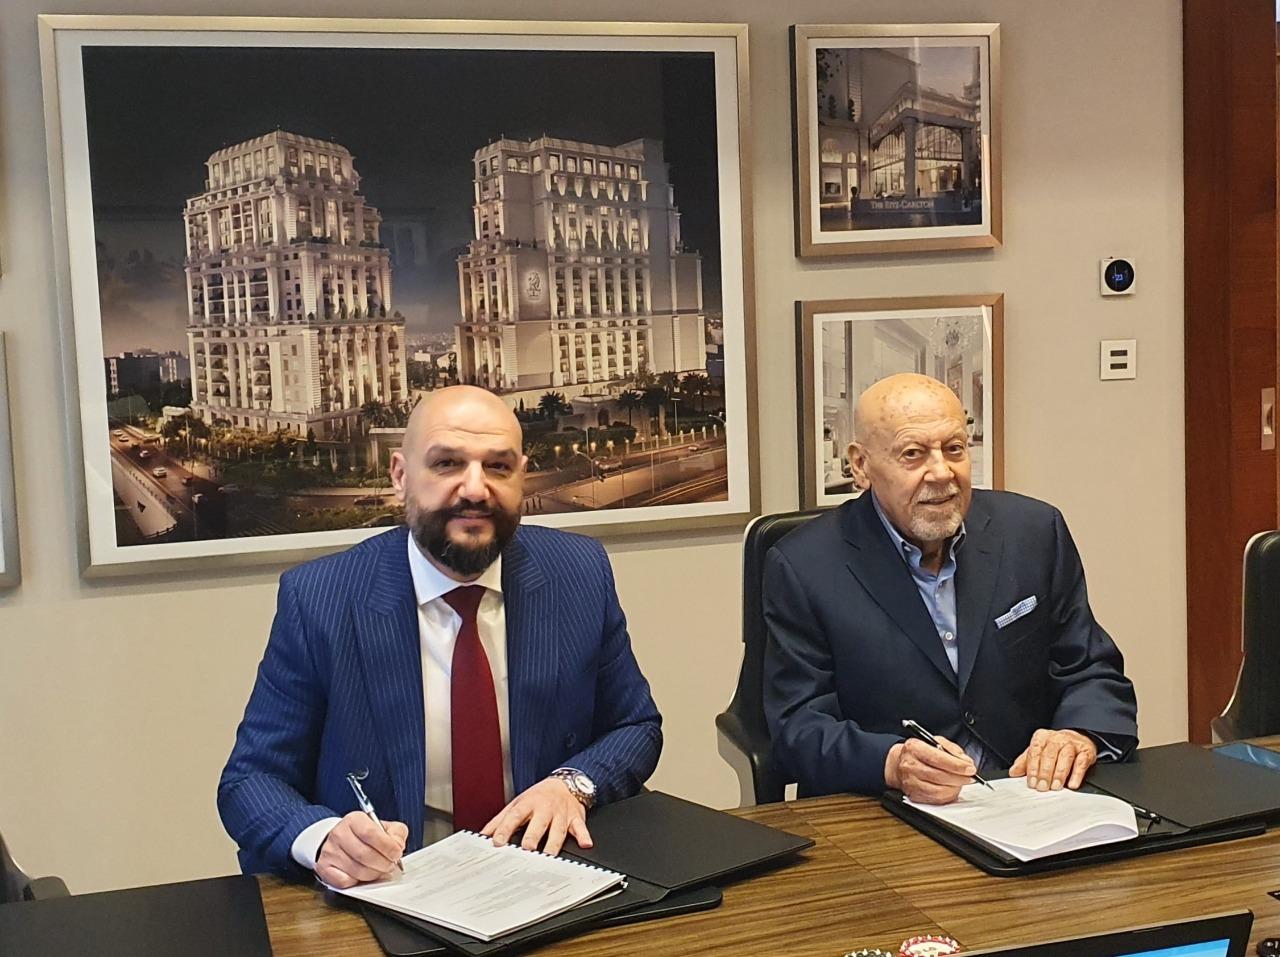 اتفاقية استراتيجية بين مجموعة AVXAV و إل جي للإلكترونيات وشركة الإقبال للتطوير العقاري